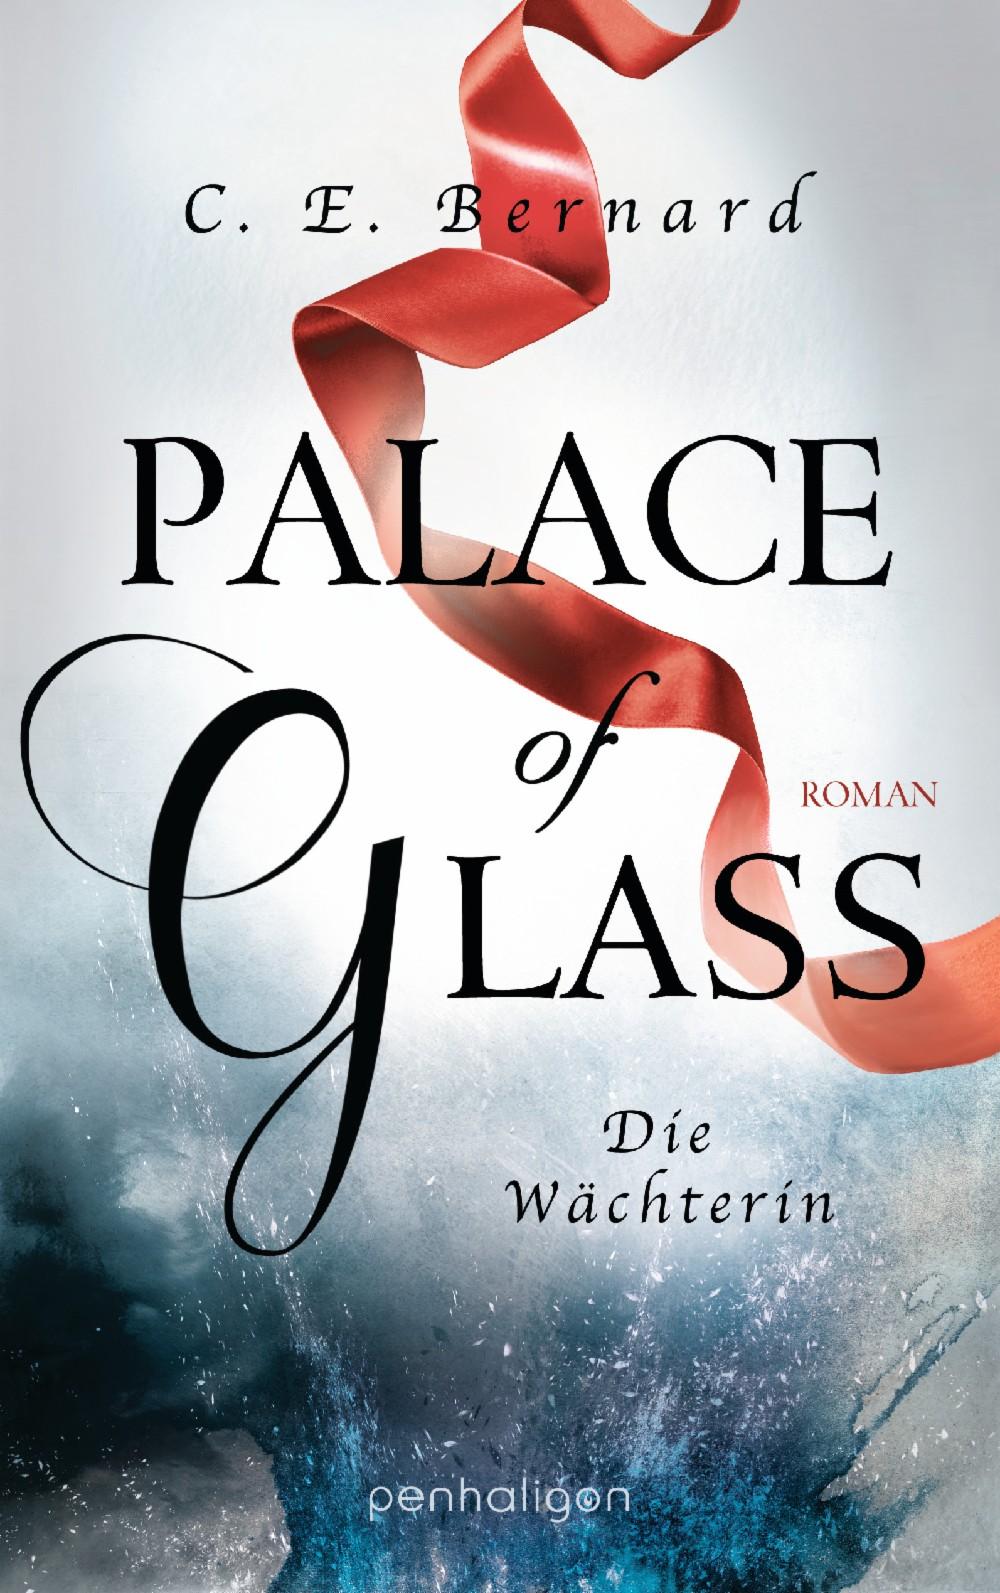 https://www.randomhouse.de/Paperback/Palace-of-Glass-Die-Waechterin/C.-E.-Bernard/Penhaligon/e520263.rhd